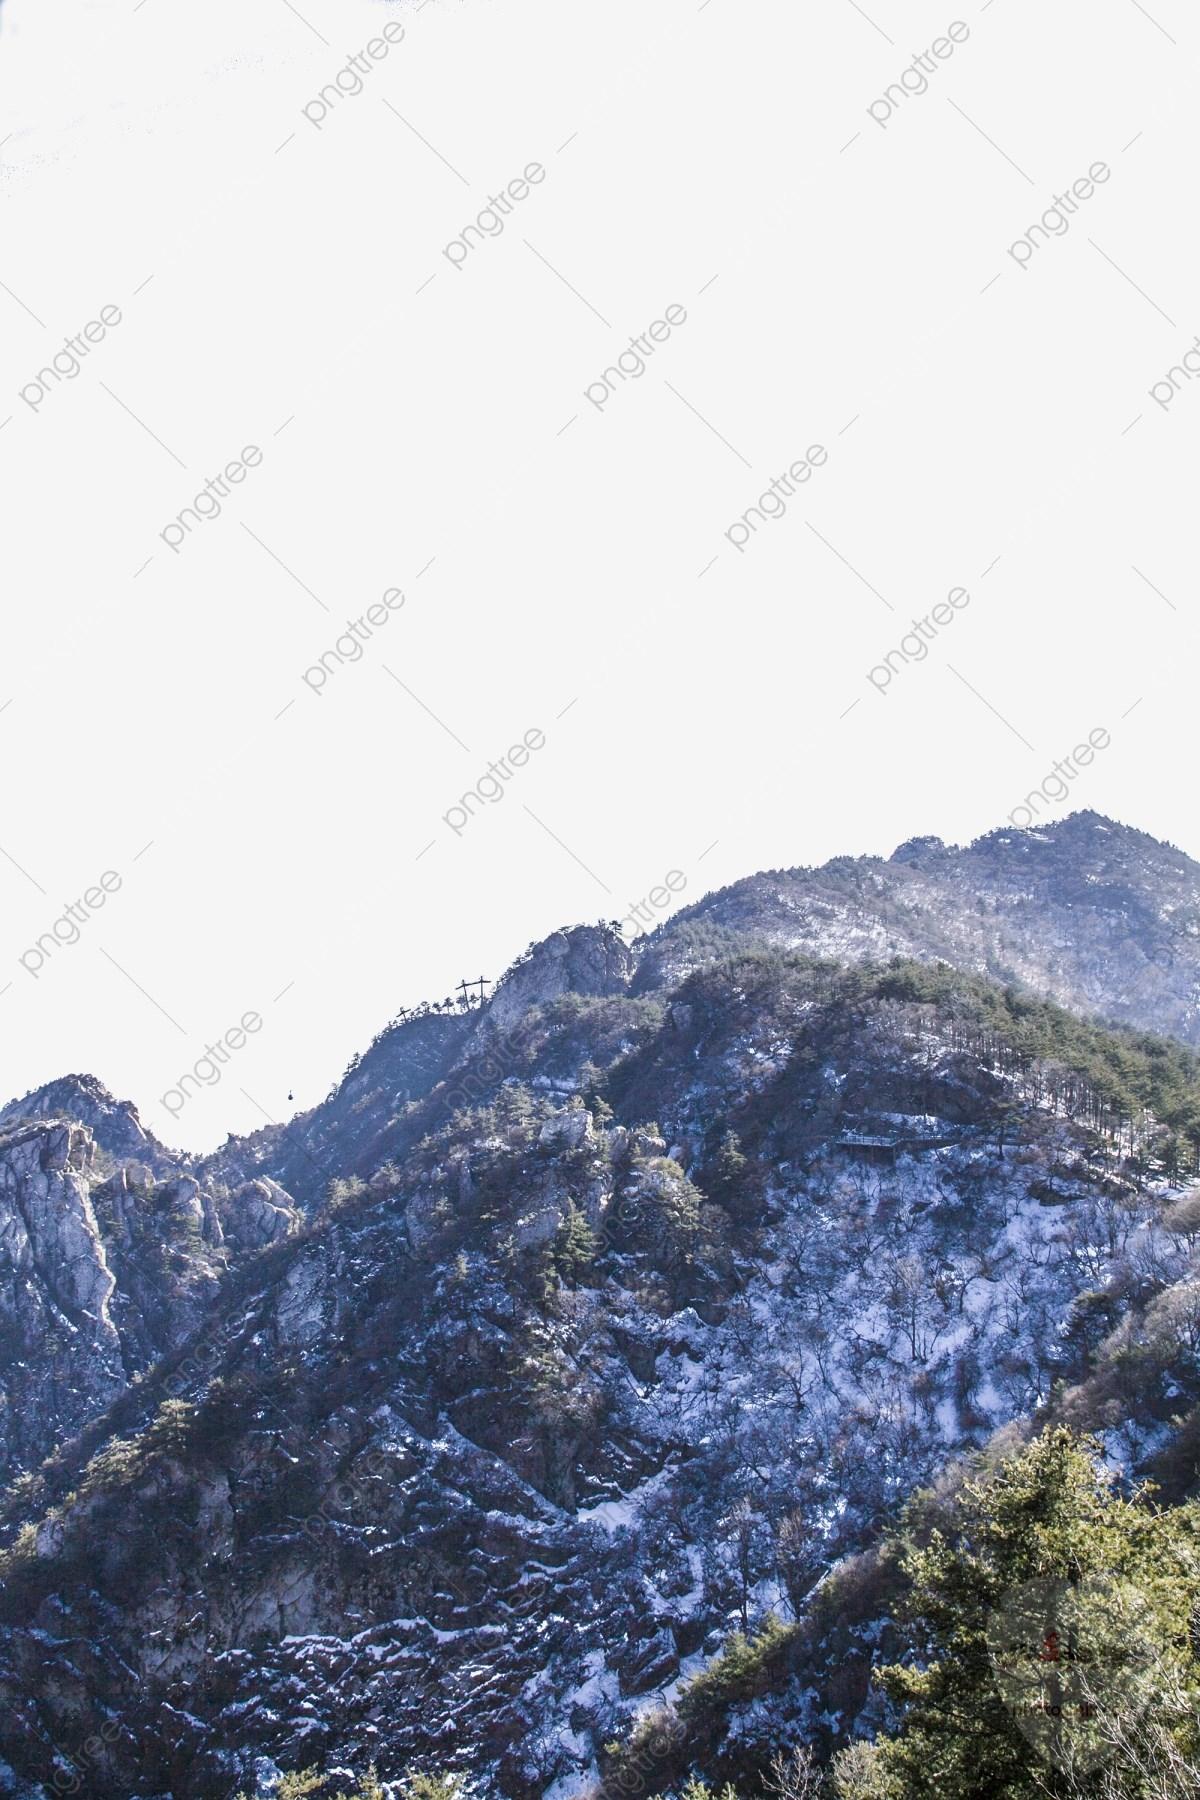 صور وخلفيات جبال وشلالات طبيعية HD خلفيات جبال خضراء وثلجية 43